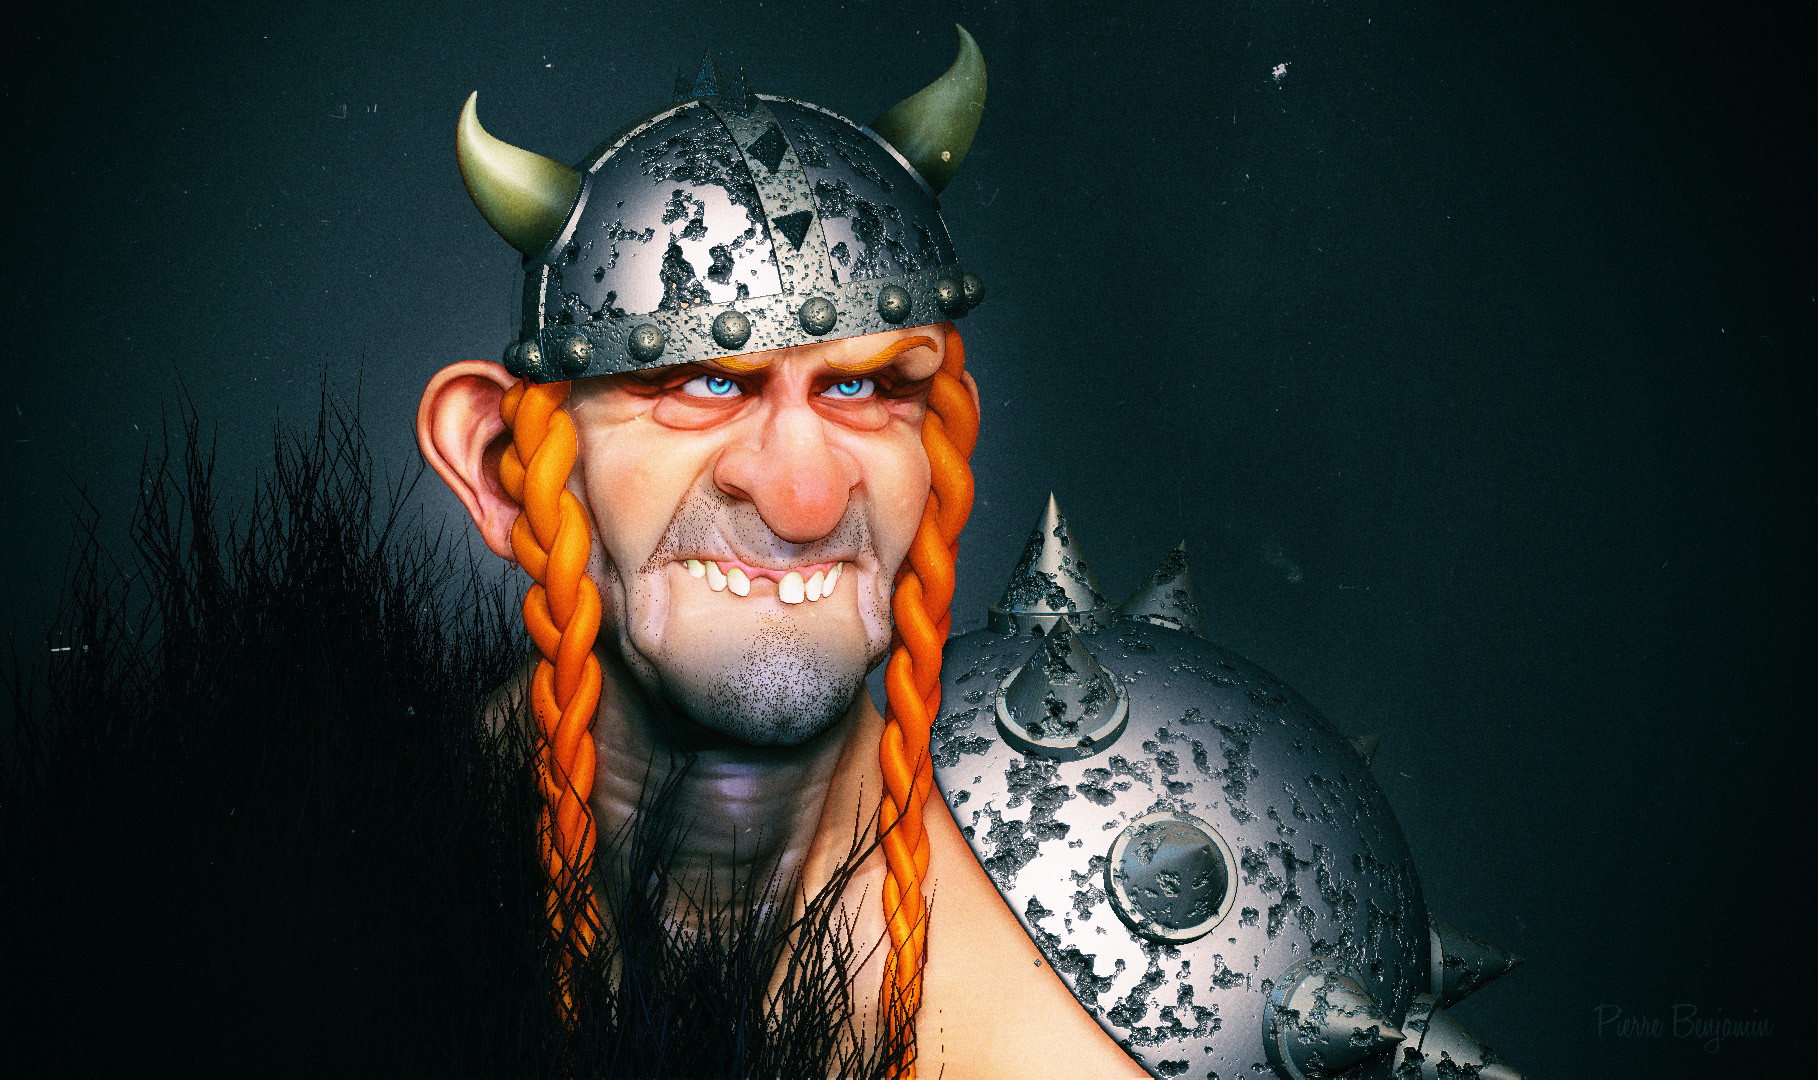 Pierre benjamin dude viking funny 0066